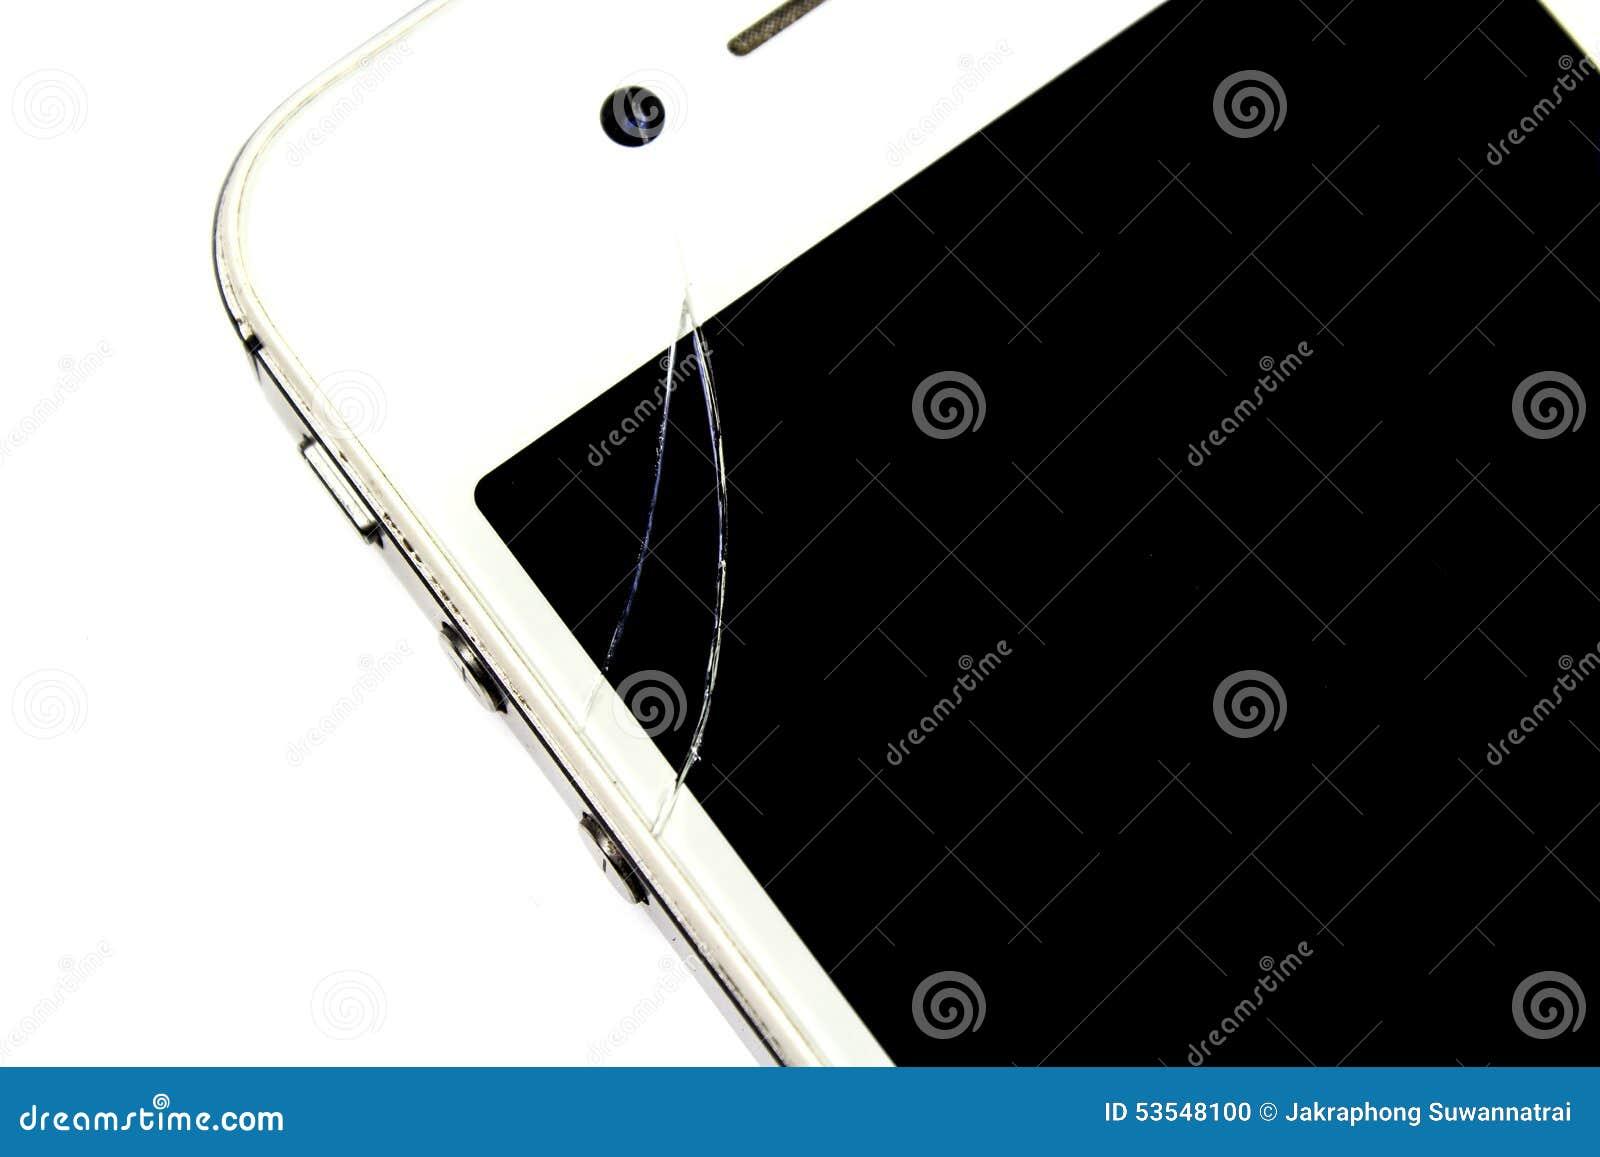 Smart phone is broken on screen